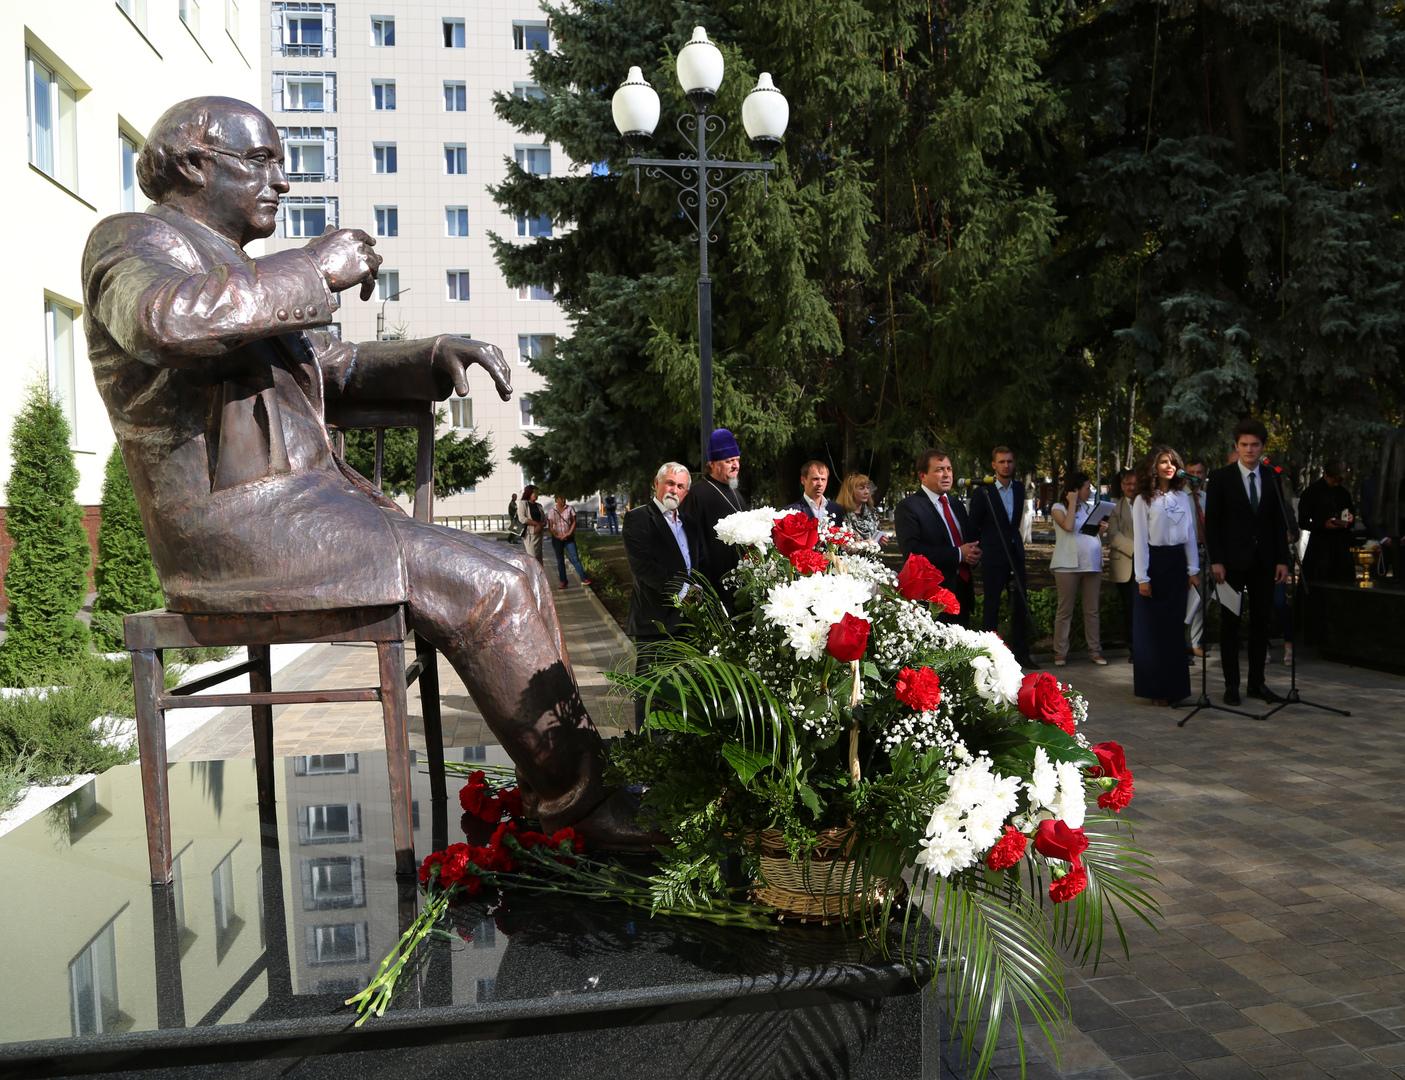 روسيا تحتفل بالذكرى الـ80 لميلاد الشاعر يوسف برودسكي